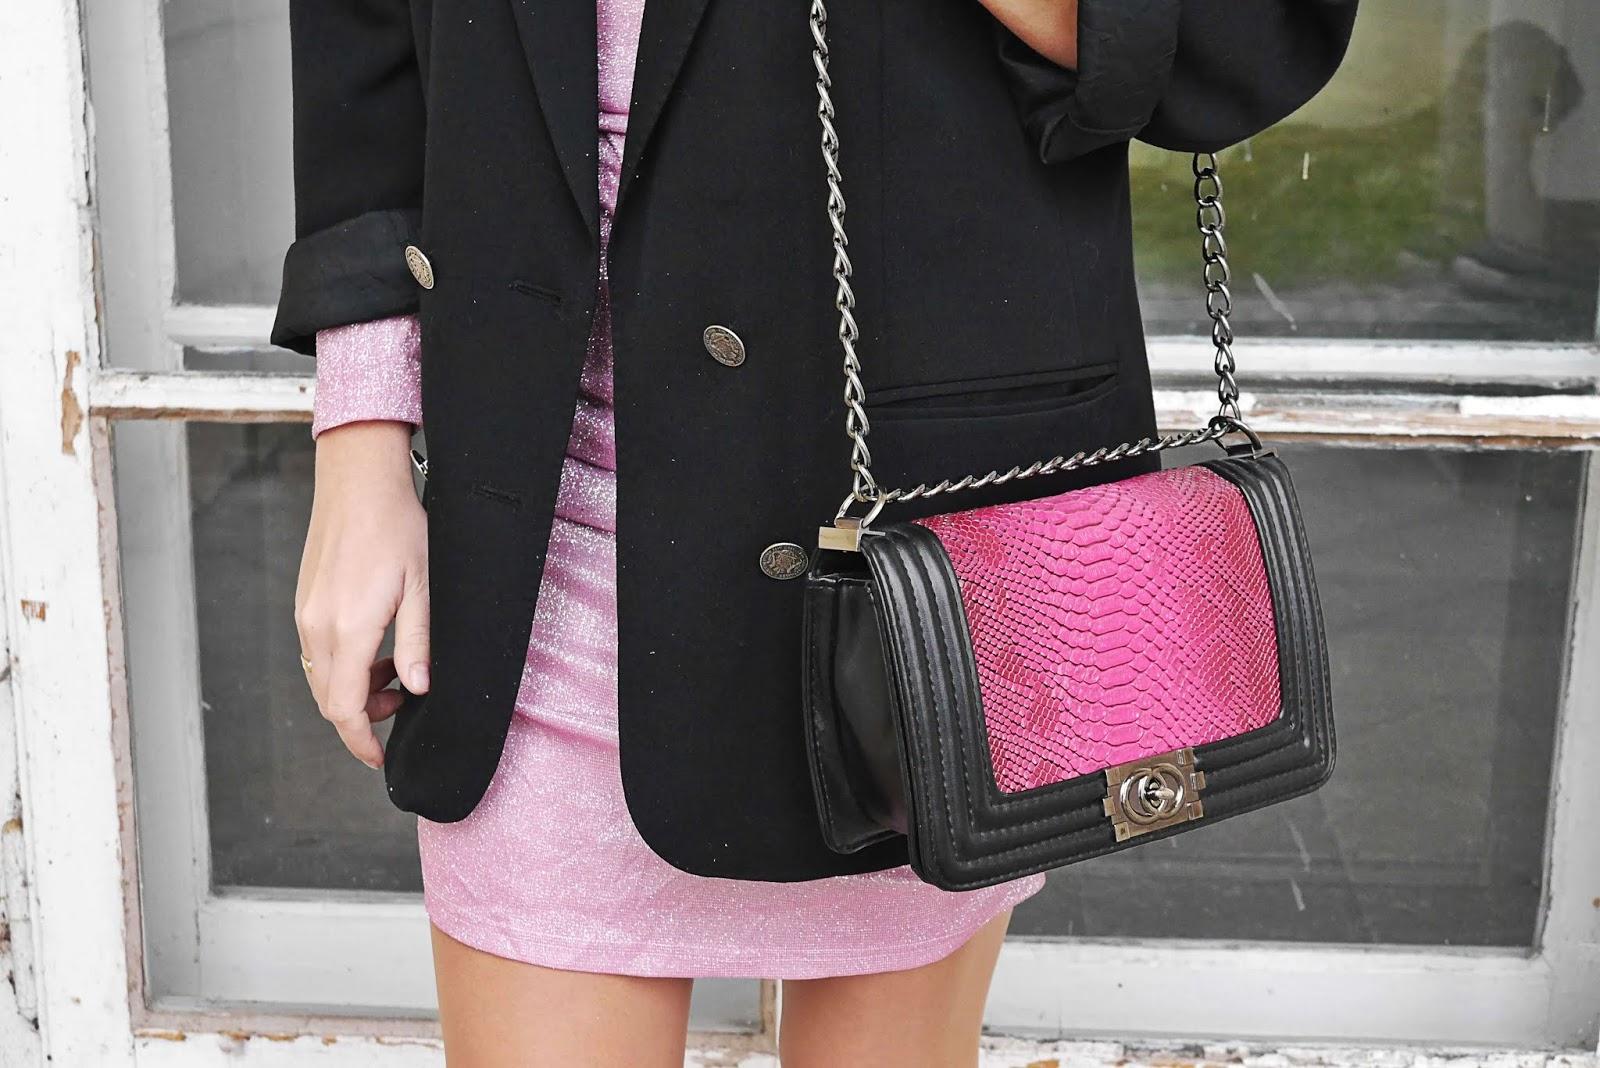 blog modowy blogerka modowa męska marynarka oversize karyn puławy stylizacja wiosenna różowa sukienka femme luxe białe platformy kolczyki z perełkami opaska czarana torebka ala chanel